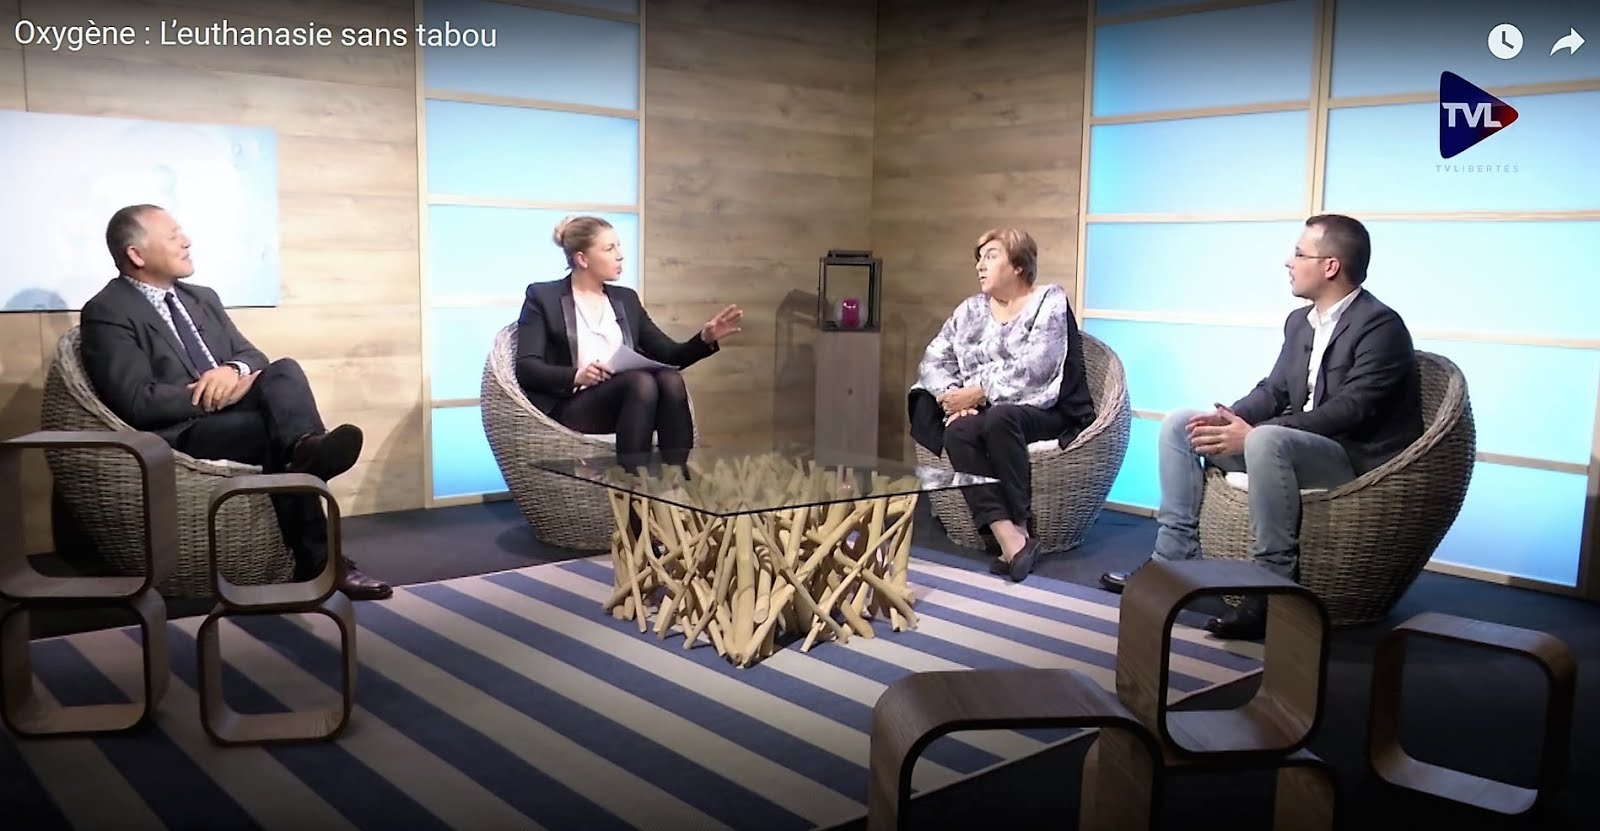 L'EUTHANASIE SANS TABOU, Oxygène, TV Libertés